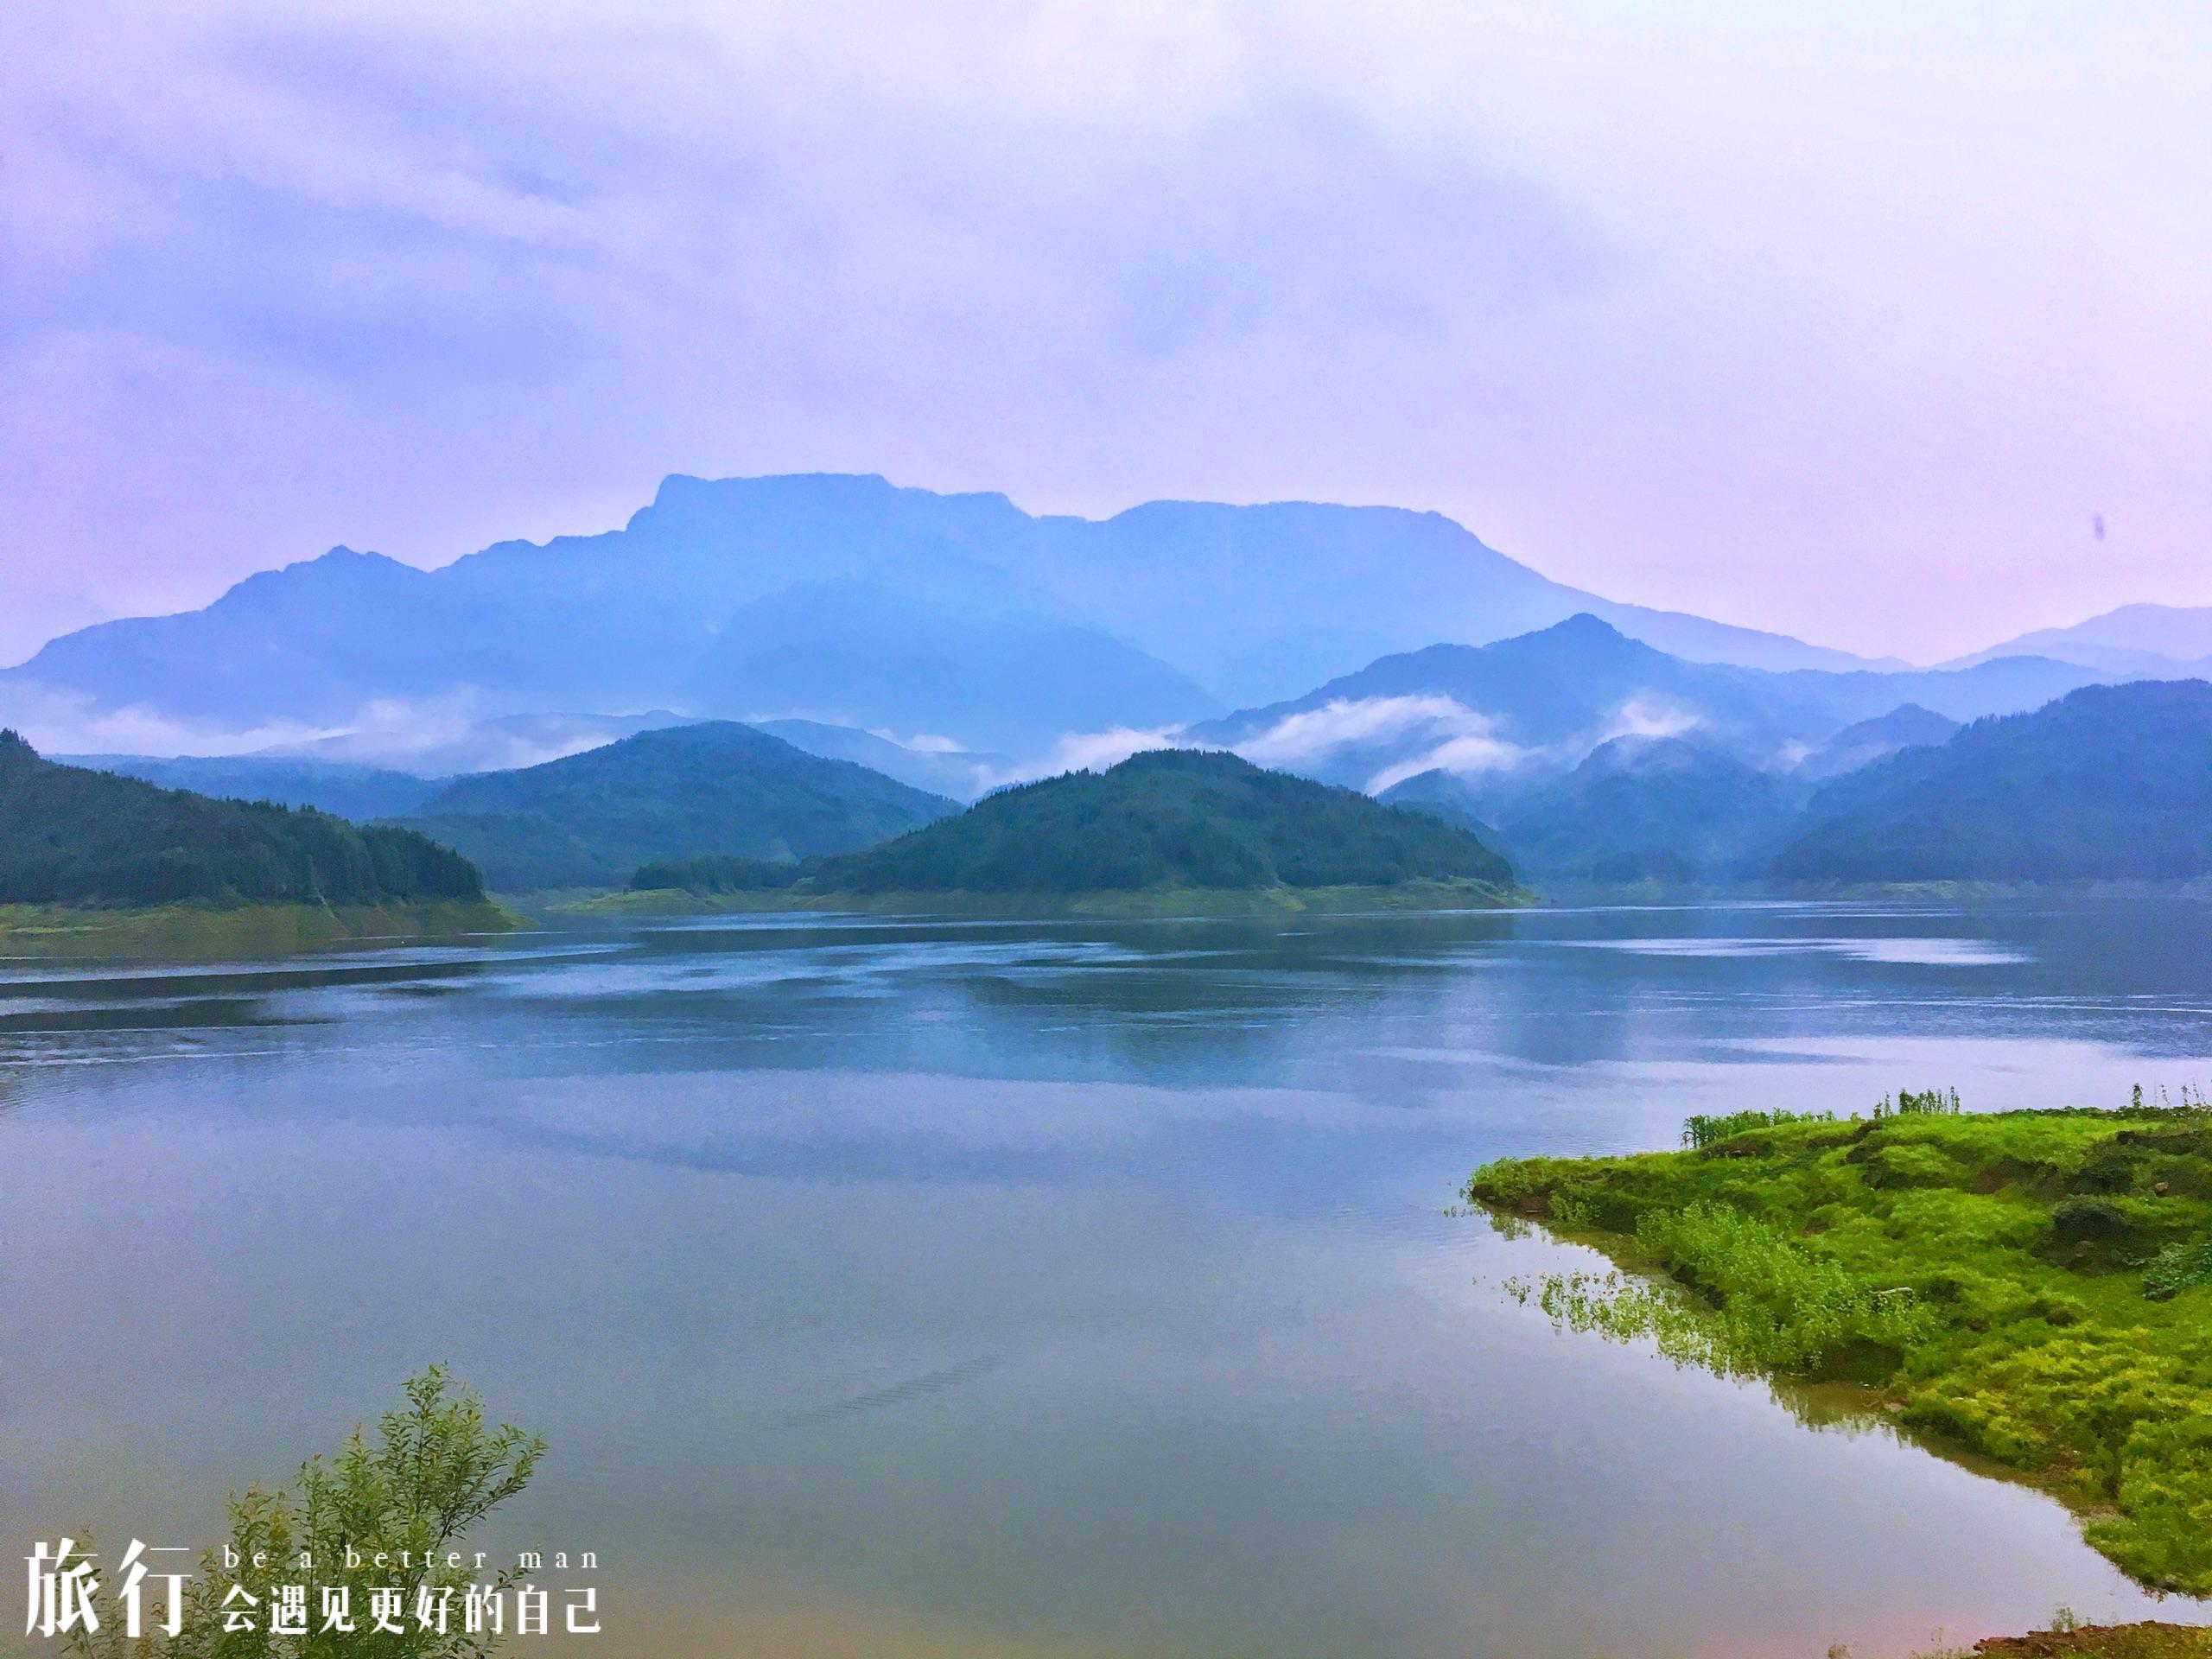 峨眉山の画像 p1_16